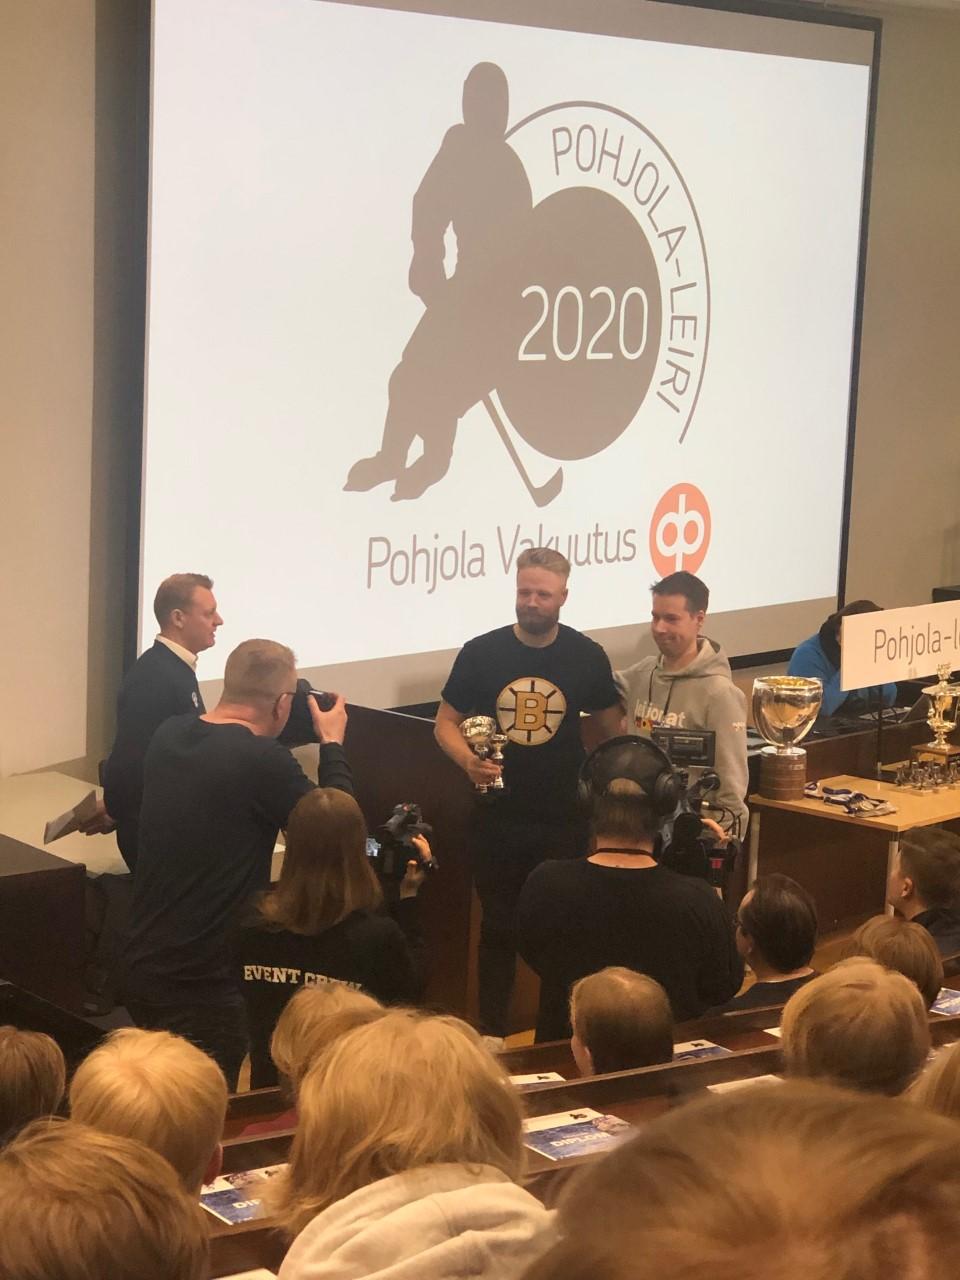 Kuva Pohjola-leiri 2020 palkintotilaisuudesta.